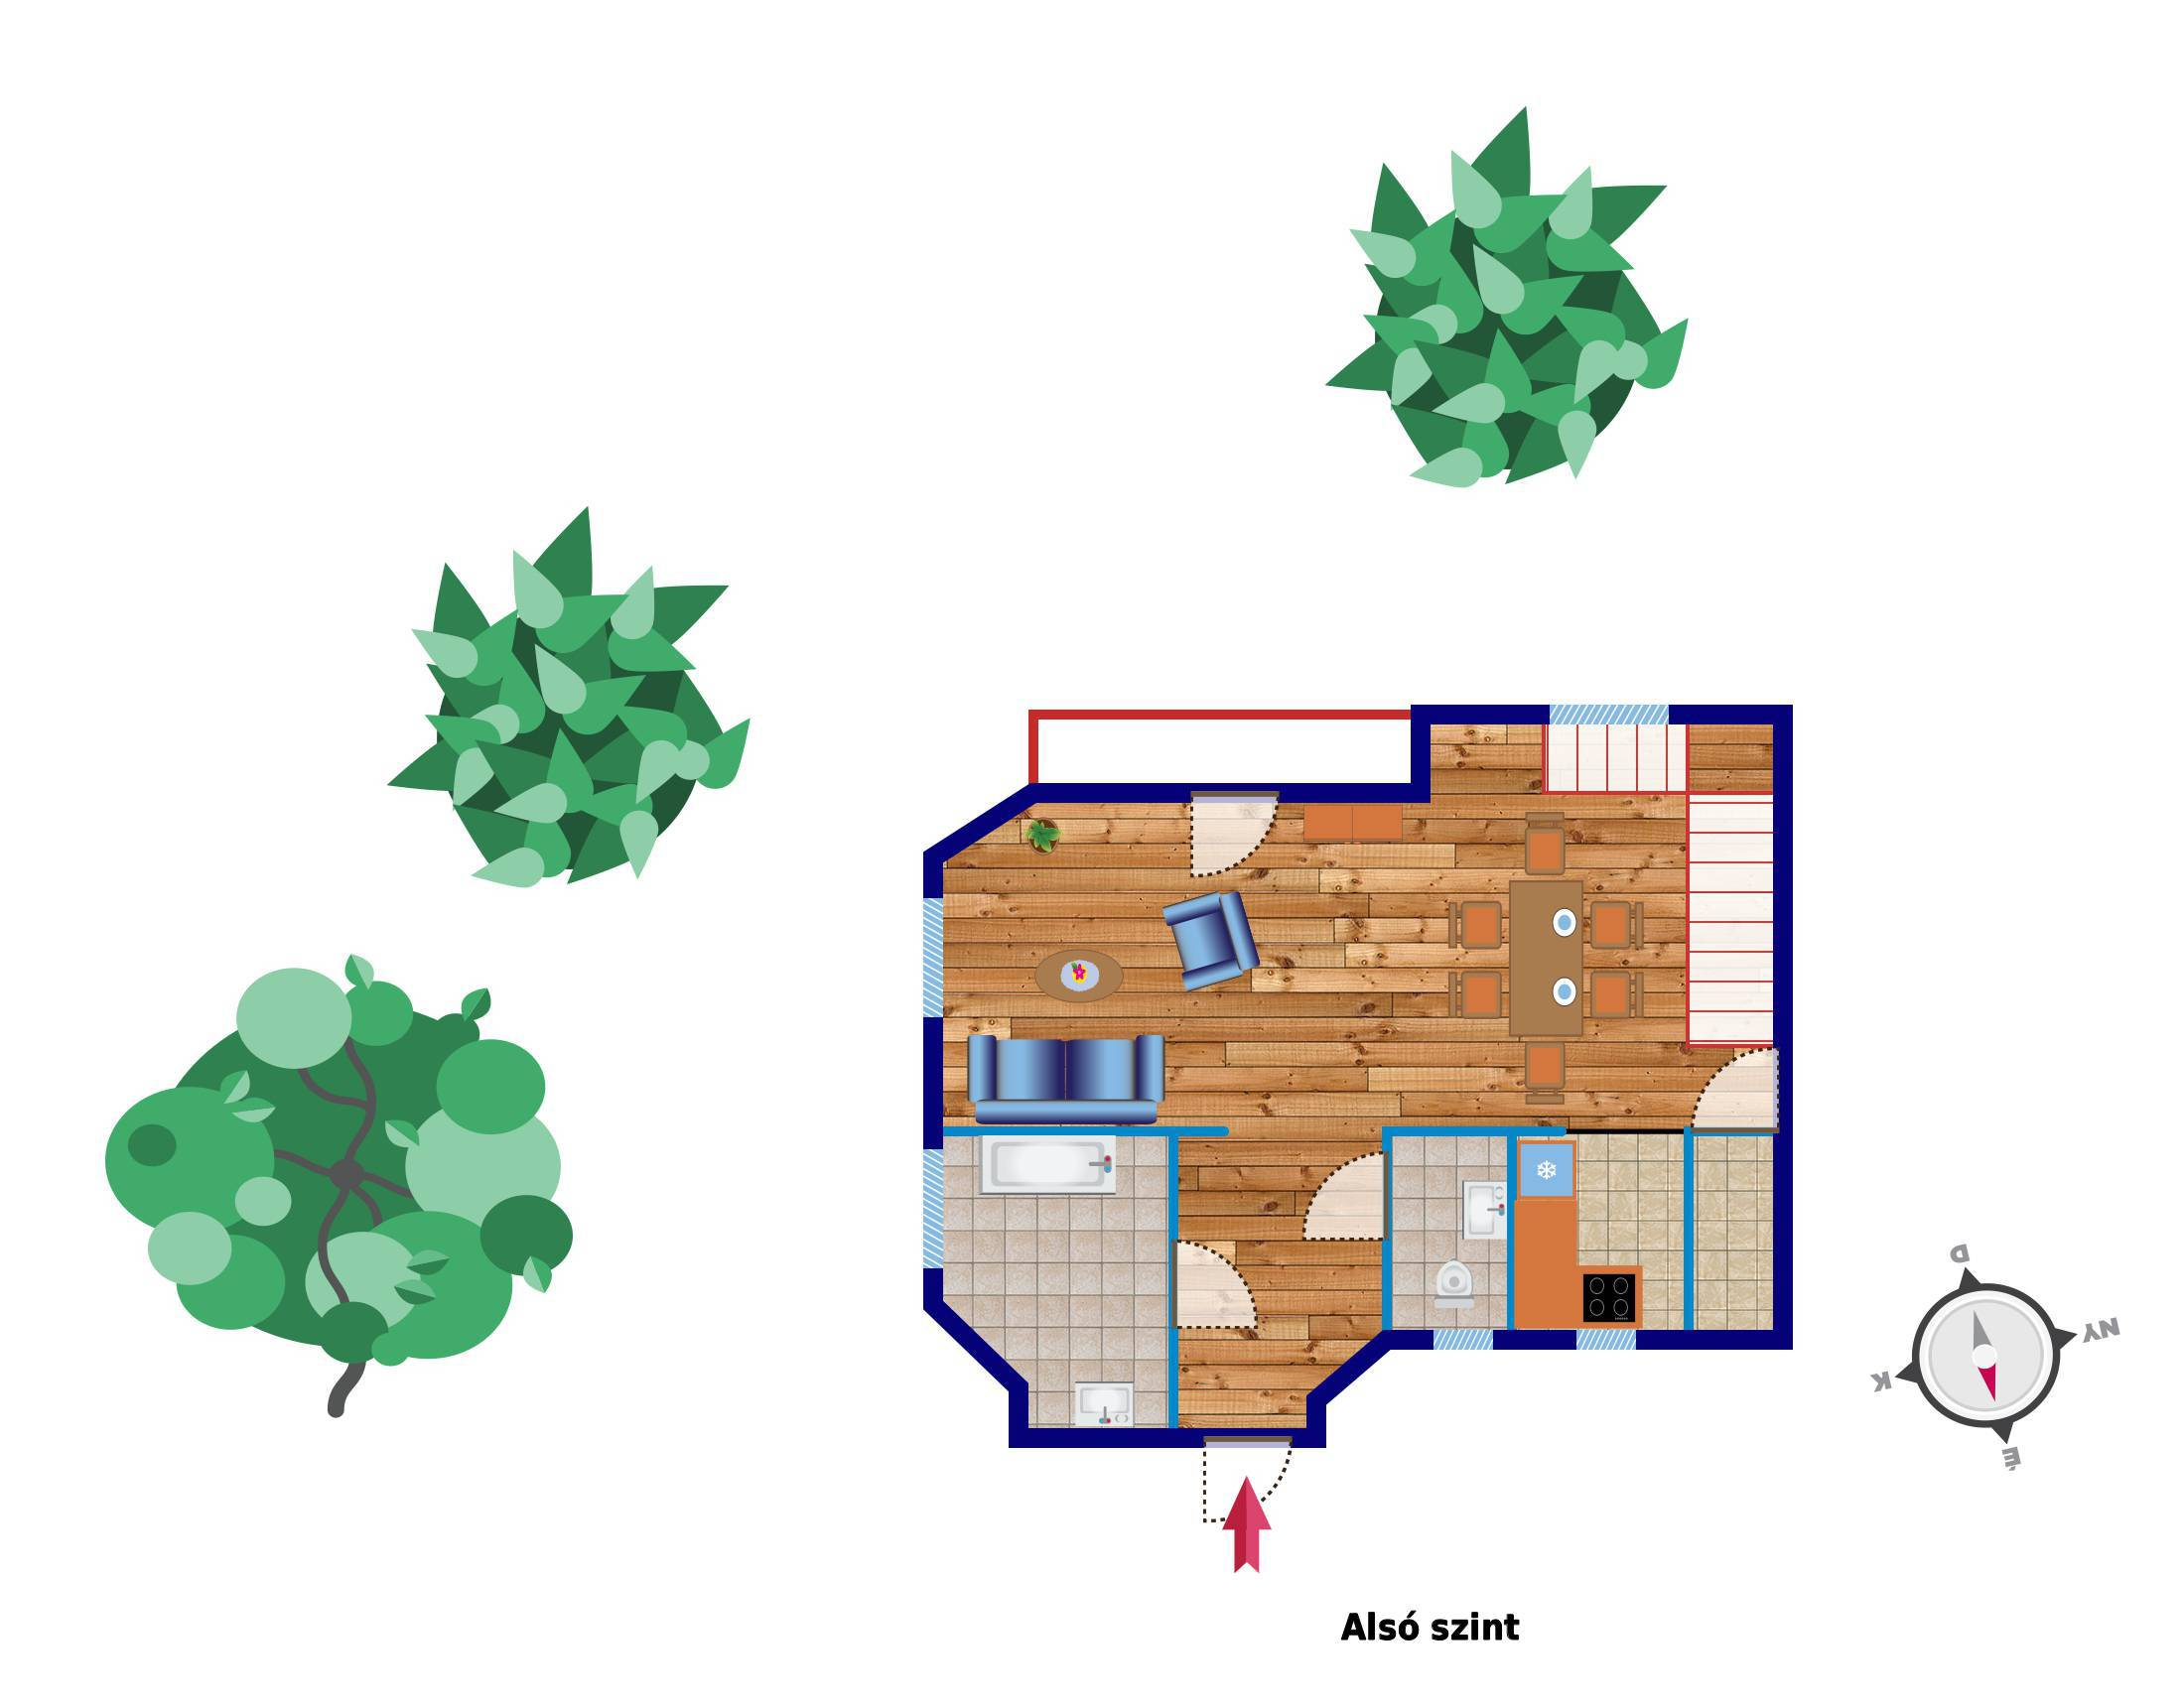 План 1-го этажа квартиры